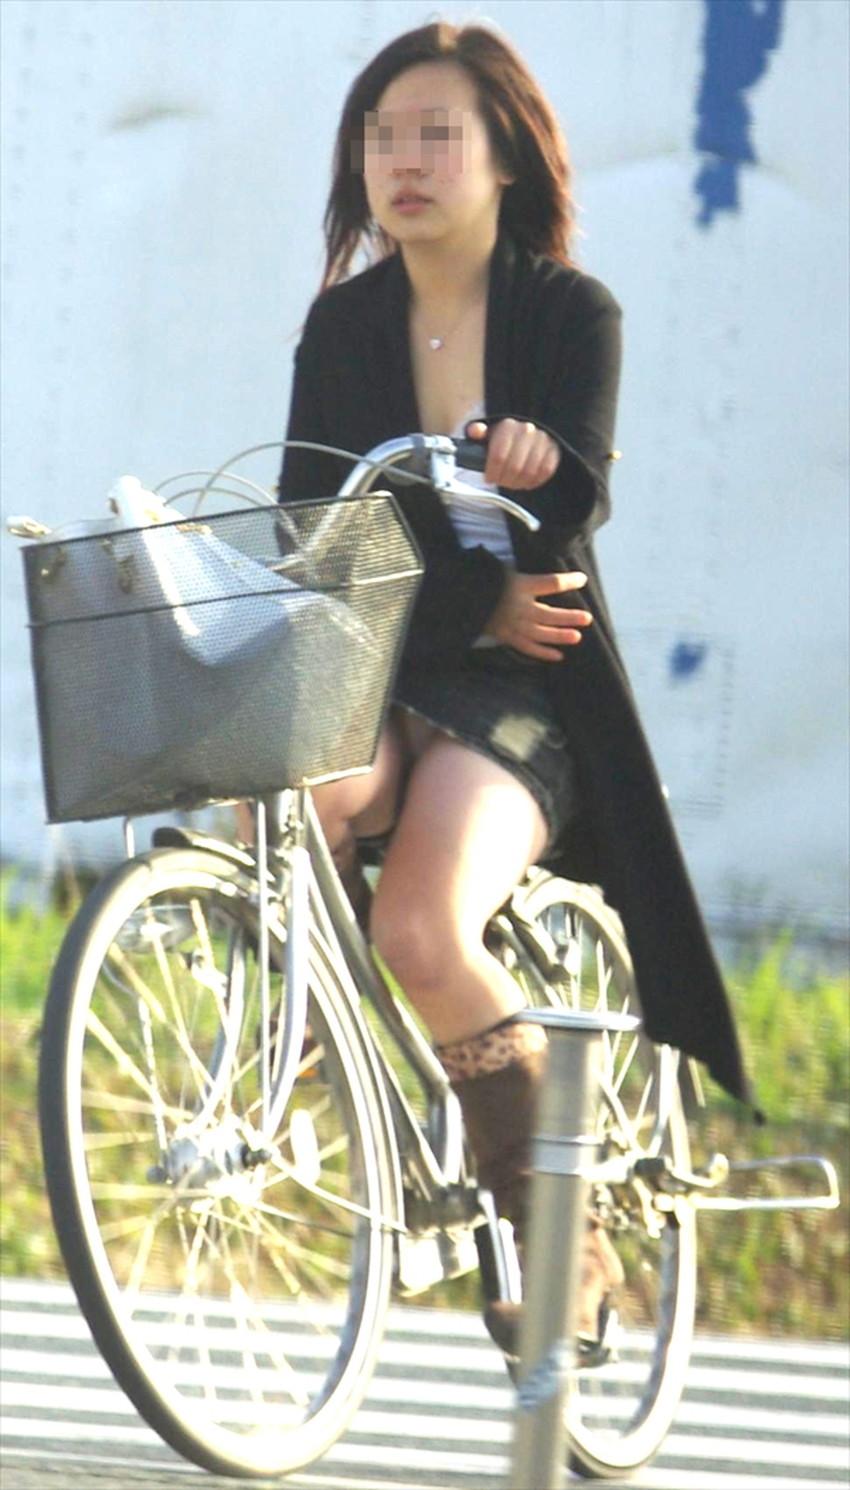 【チャリンコ女子エロ画像】自転車通学の制服JKやスーツOLのパンチラや食い込む美尻が朝から嬉し過ぎるチャリンコ女子のエロ画像集!ww【80枚】 32